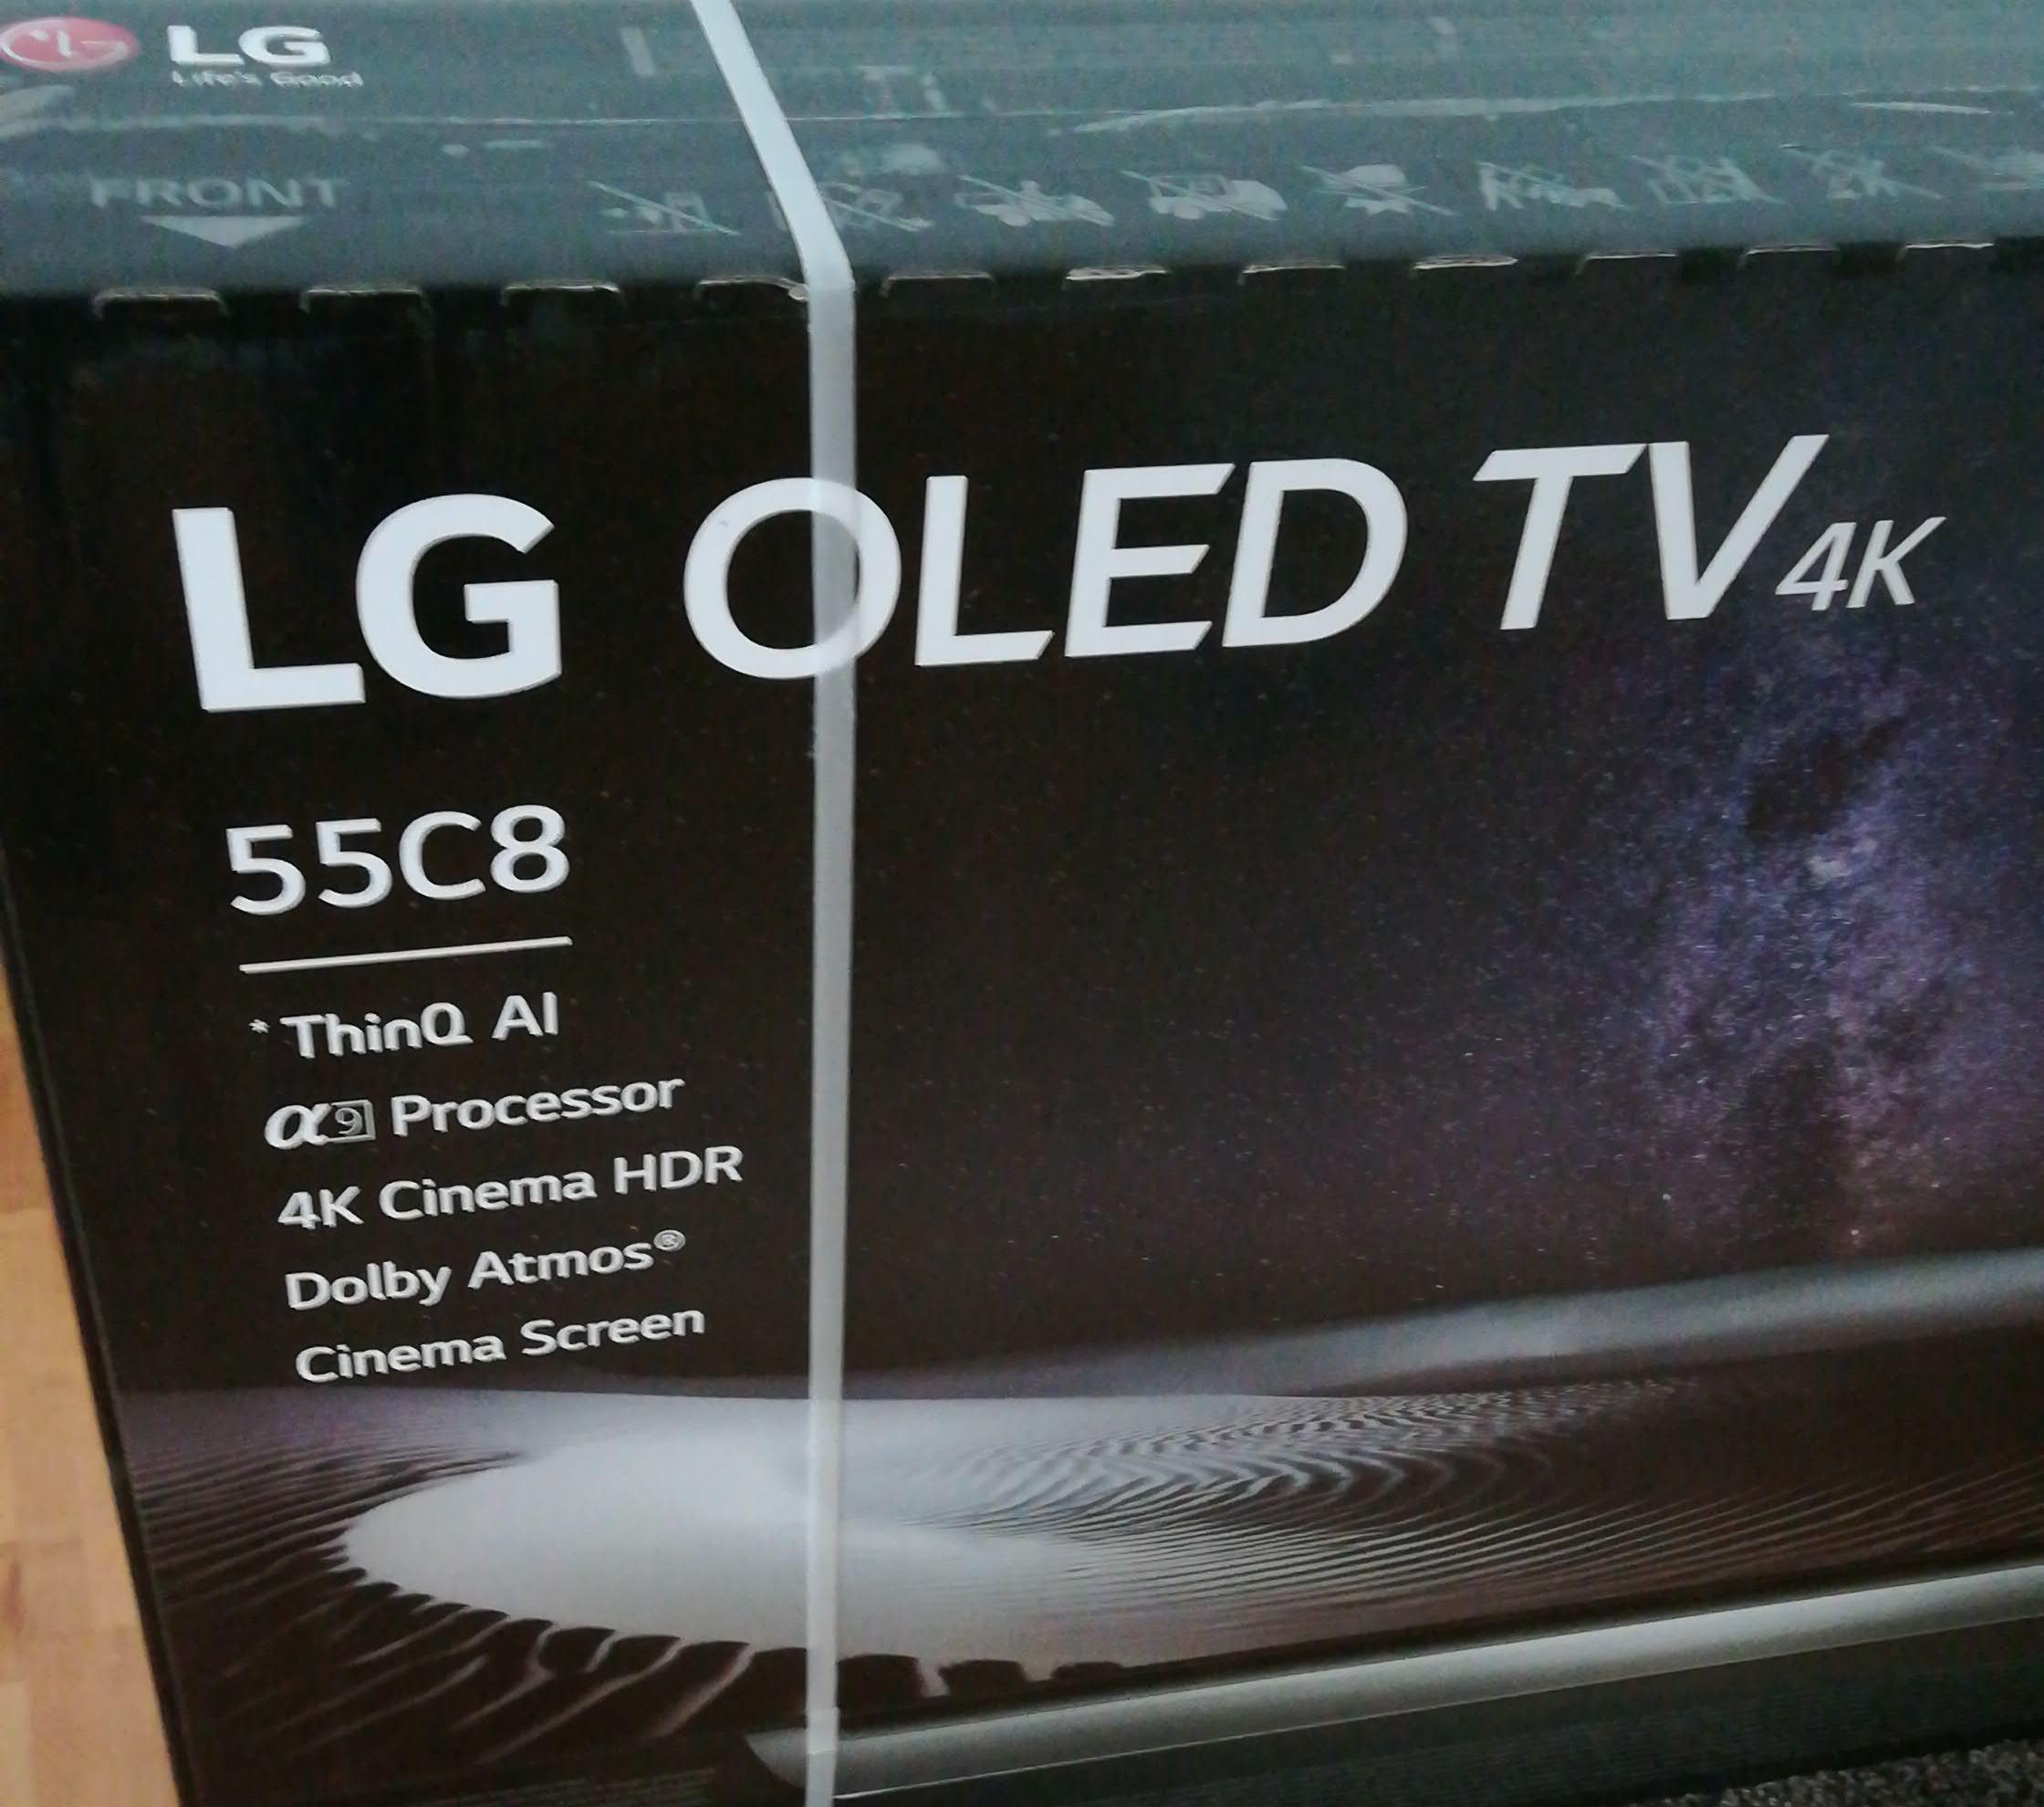 [MediaMarkt] LG OLED 55C8 (4K) für 1599 Euro statt 1948 Euro